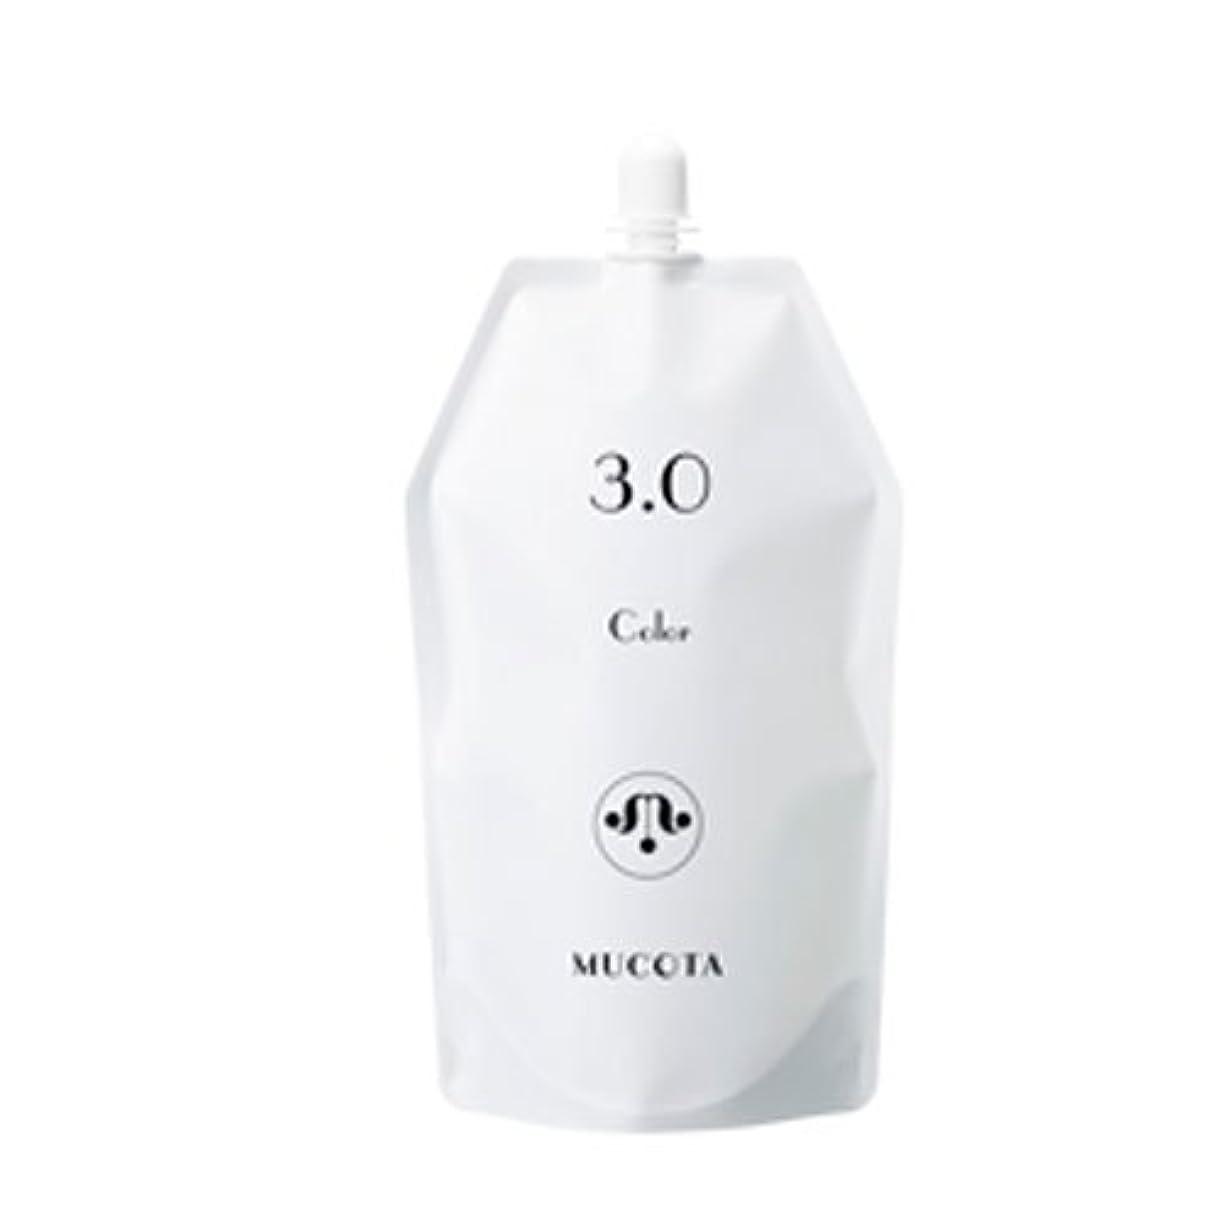 能力花束テロムコタ ヘアカラー OX(3.0%/4.5%/6.0%) 各 1000ml【2剤】【オキシー】【グレイカラー?白髪染め】 (OX 3.0%)